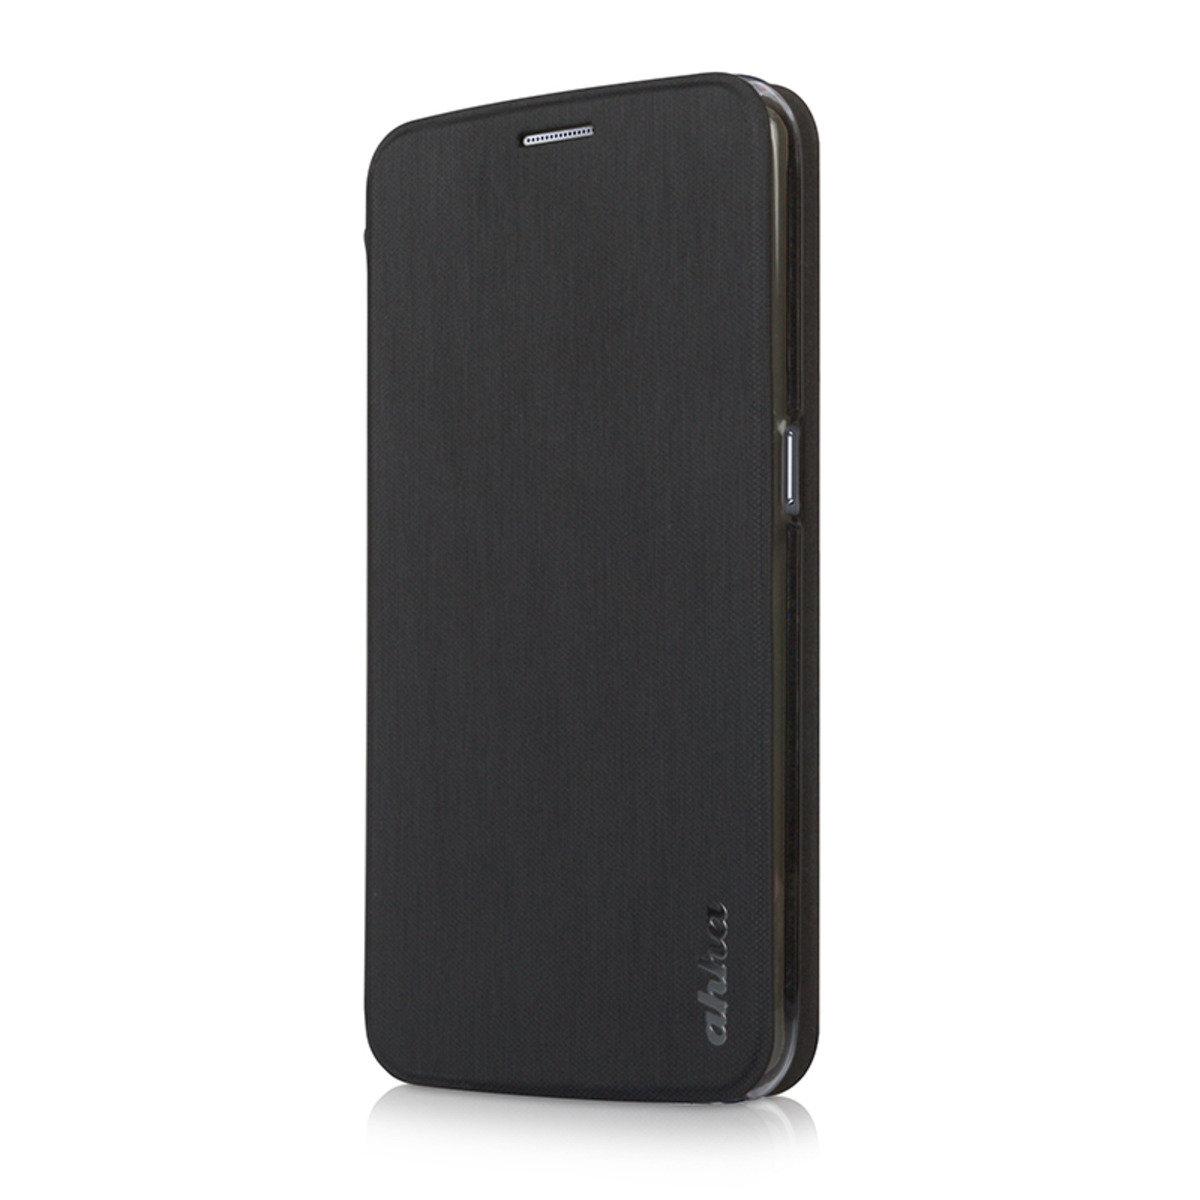 Samsung Galaxy S6 翻蓋超薄手機套 (黑)